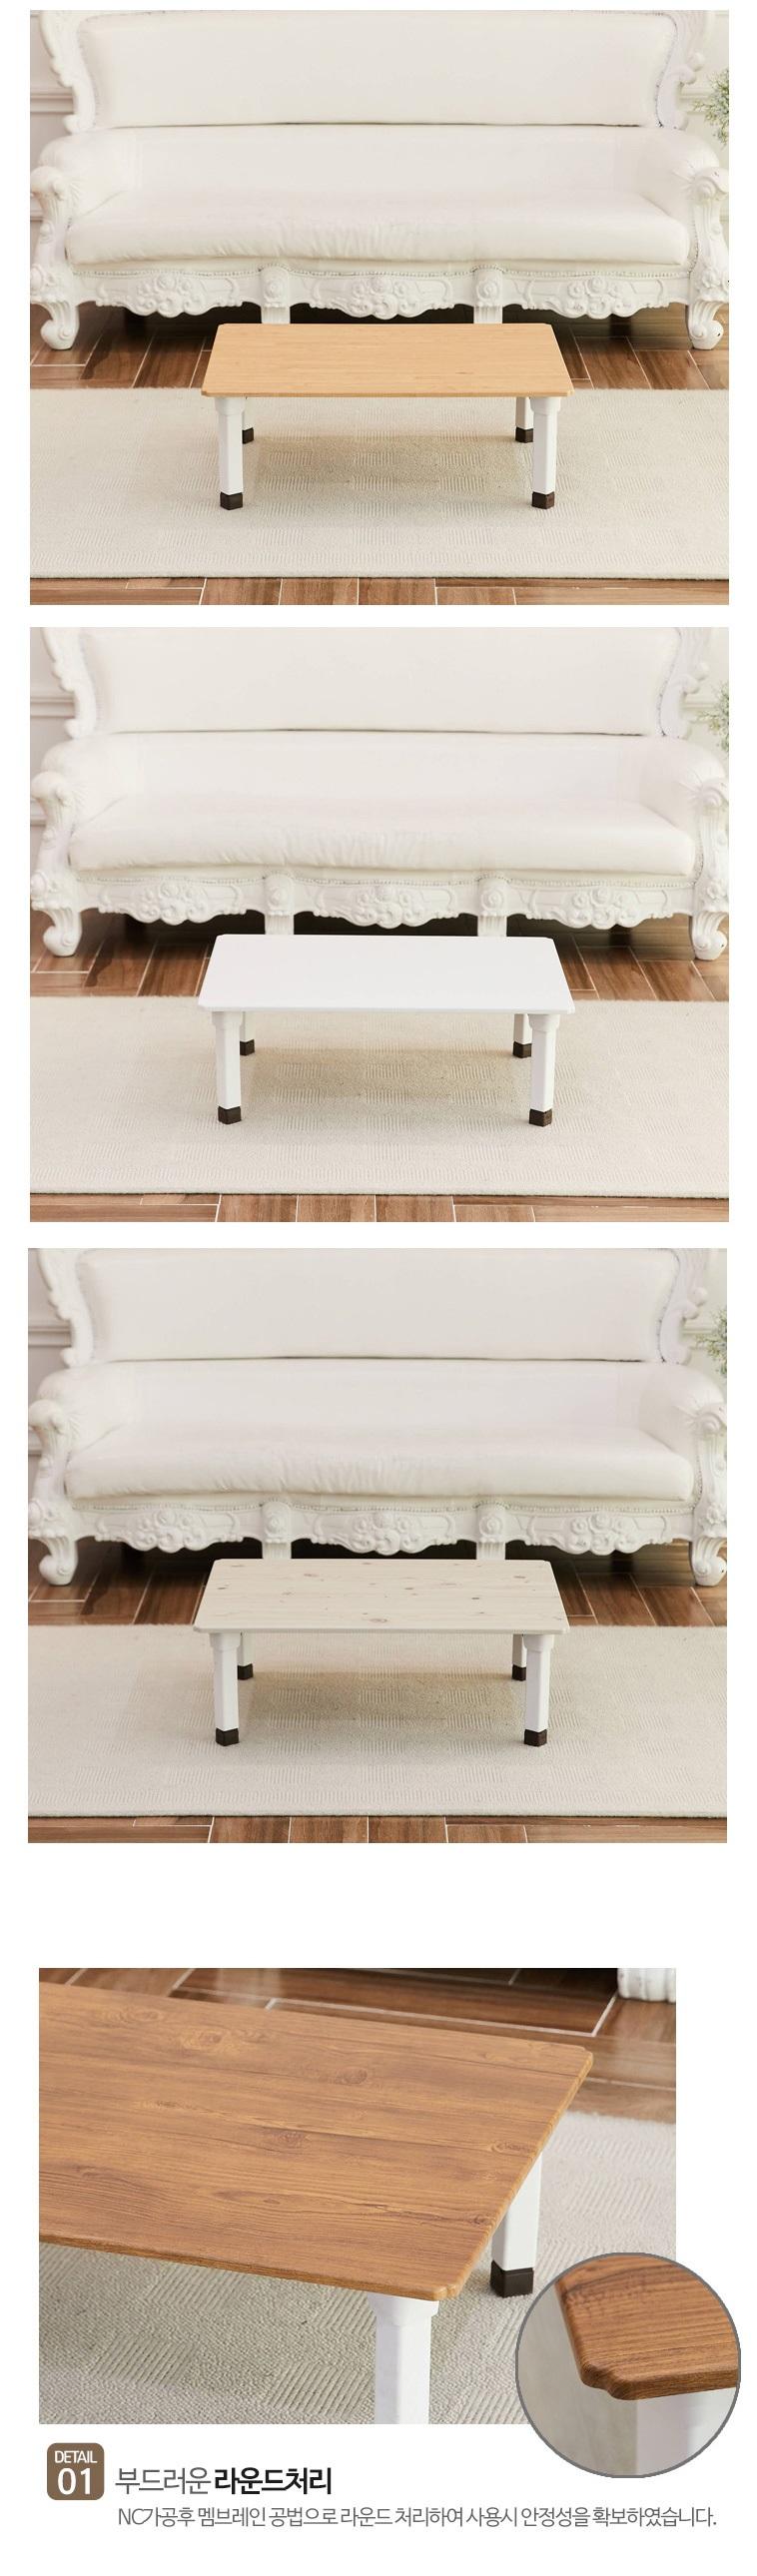 레인보우 황토 다용도상 특대 800 아카시아 - 레인보우, 20,900원, 식탁/의자, 밥상/다과상/좌식테이블